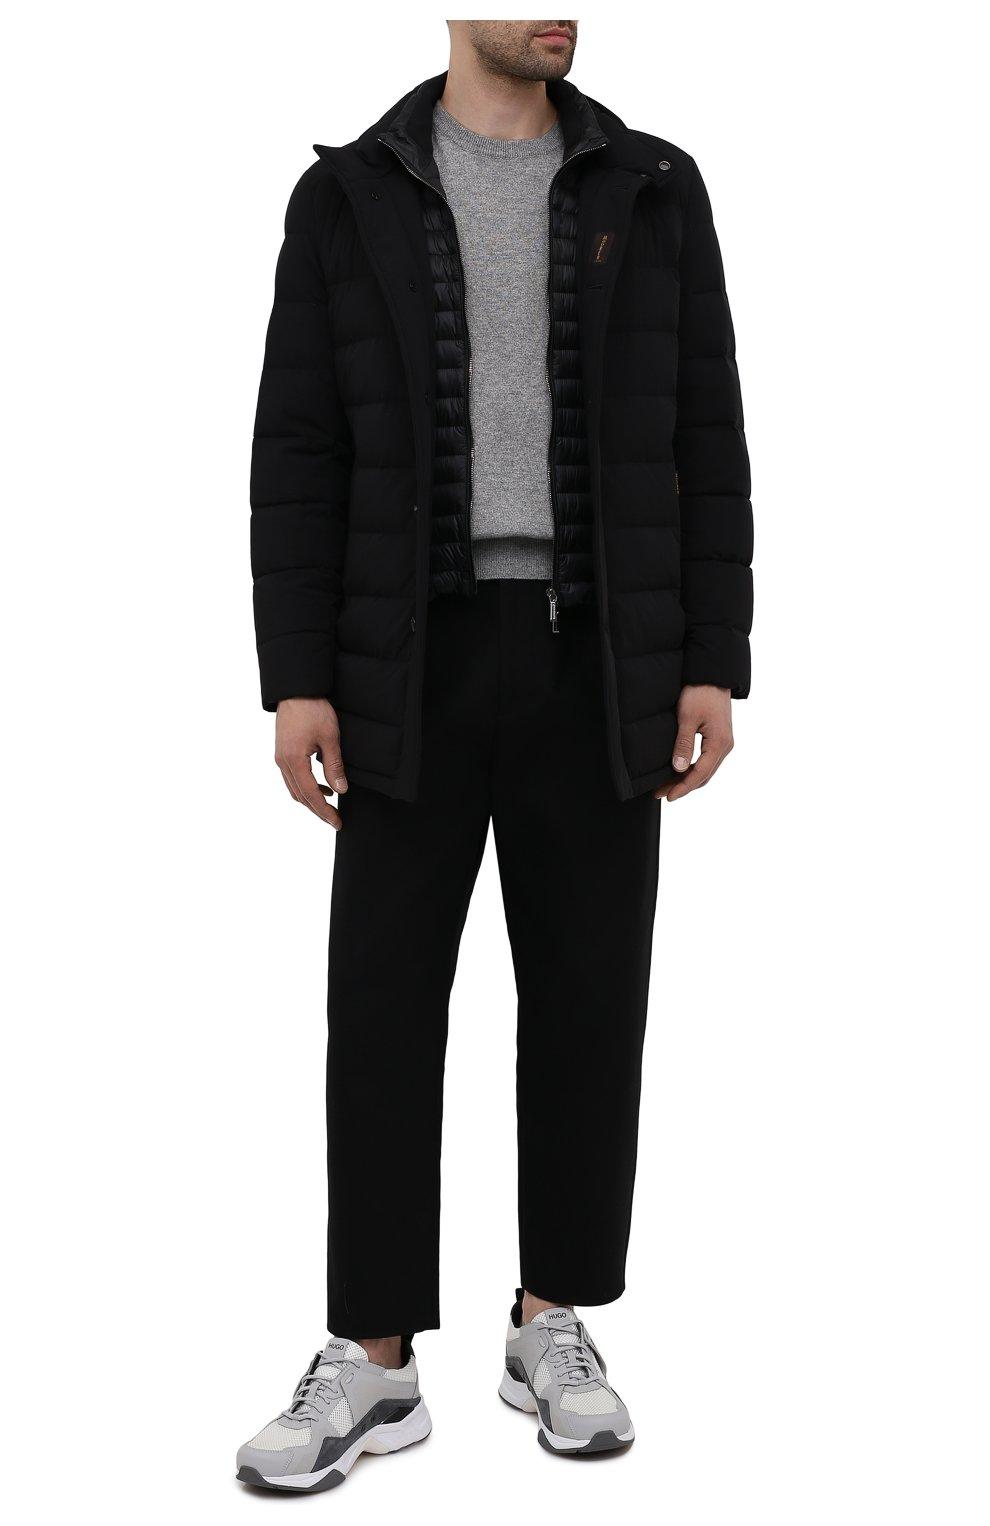 Мужская пуховик calegari-kn MOORER черного цвета, арт. CALEGARI-KN/M0UGI100139-TEPA009   Фото 2 (Кросс-КТ: Куртка; Мужское Кросс-КТ: пуховик-короткий; Рукава: Длинные; Длина (верхняя одежда): До середины бедра; Материал внешний: Синтетический материал; Материал подклада: Синтетический материал; Материал утеплителя: Пух и перо; Стили: Кэжуэл)